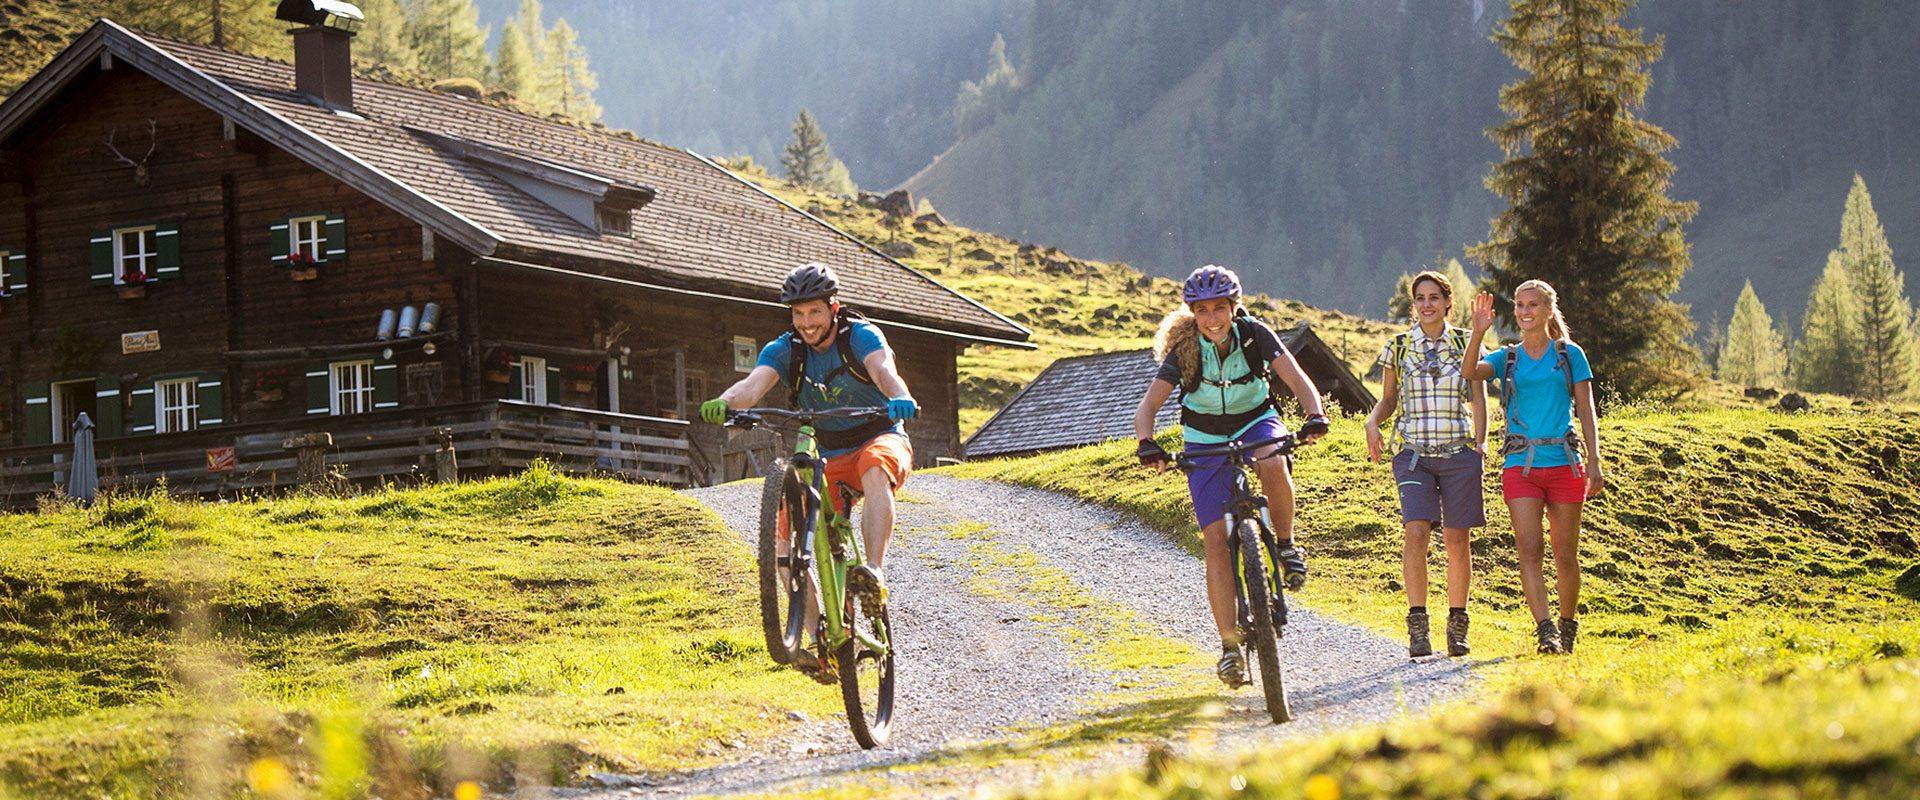 Wanderurlaub & Sommerurlaub in Flachau, Salzburger Land